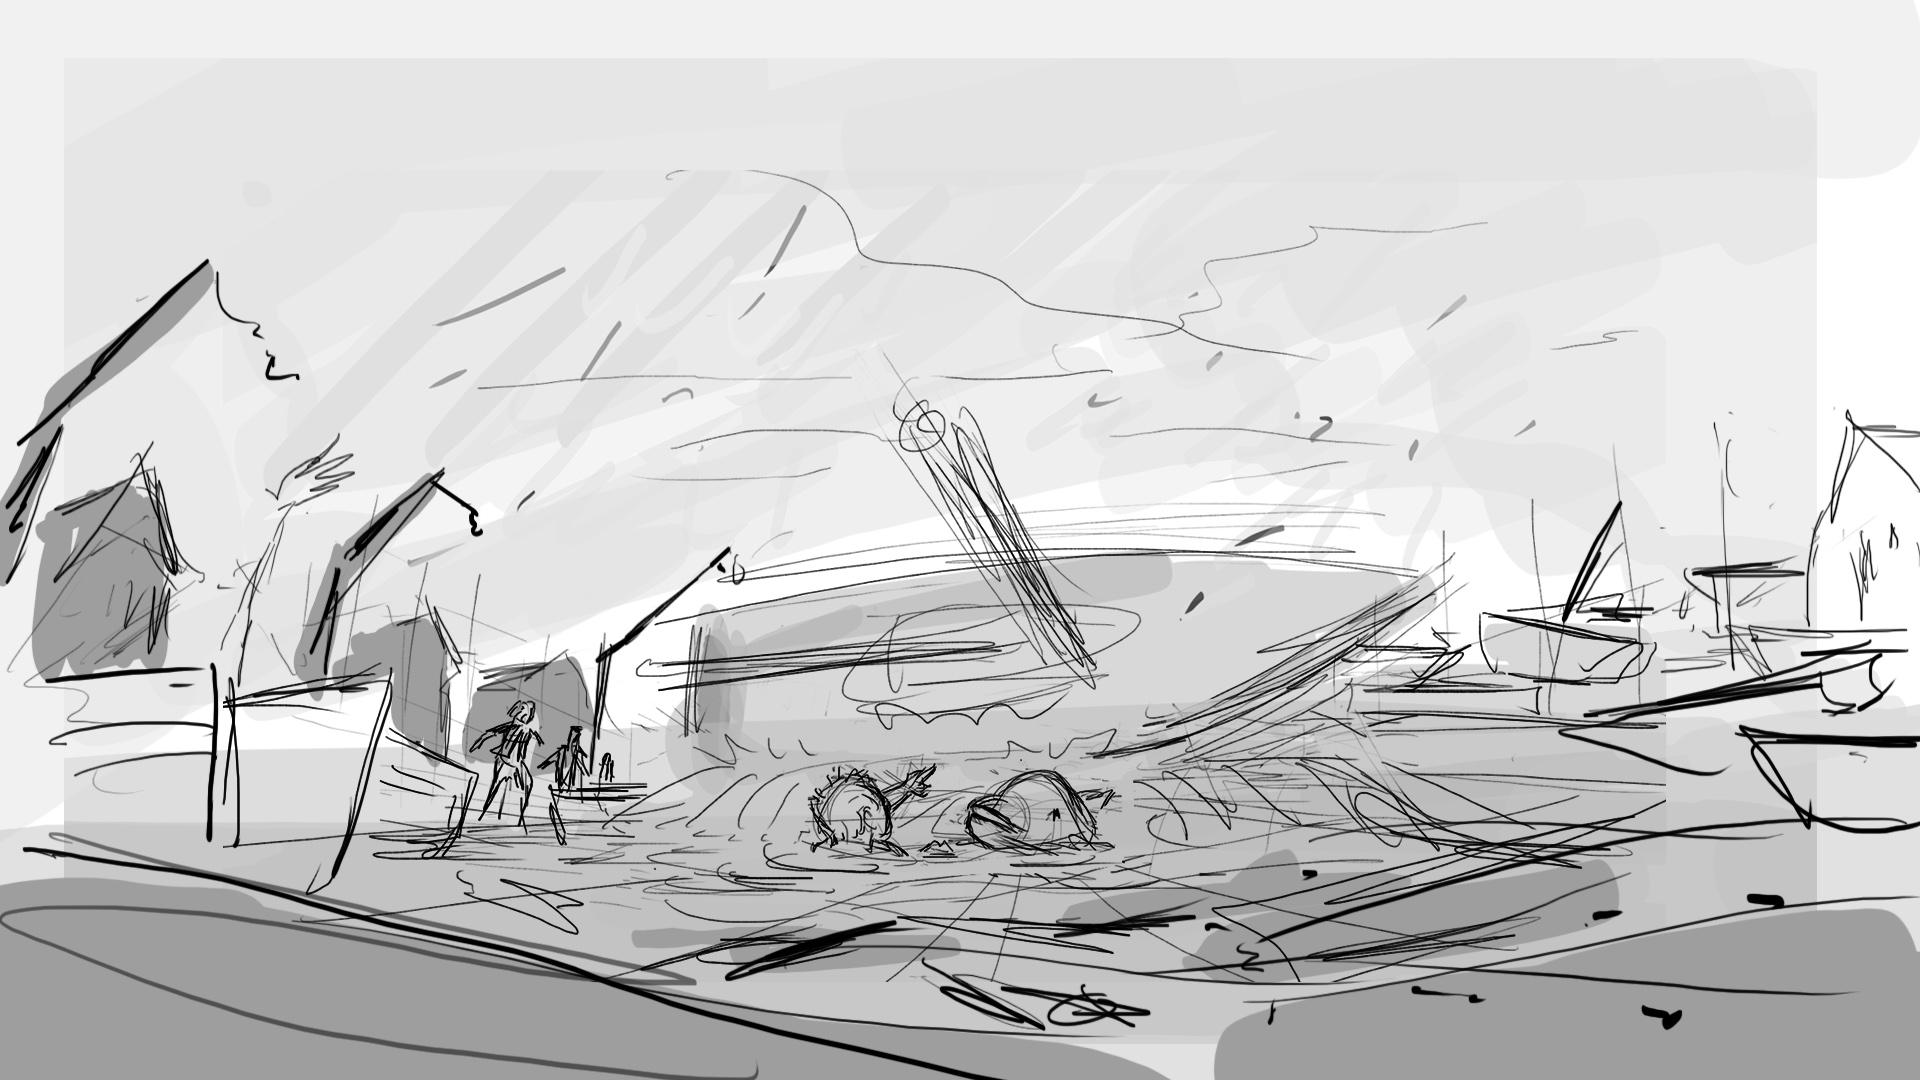 Boat_Capsize_sketch.jpg